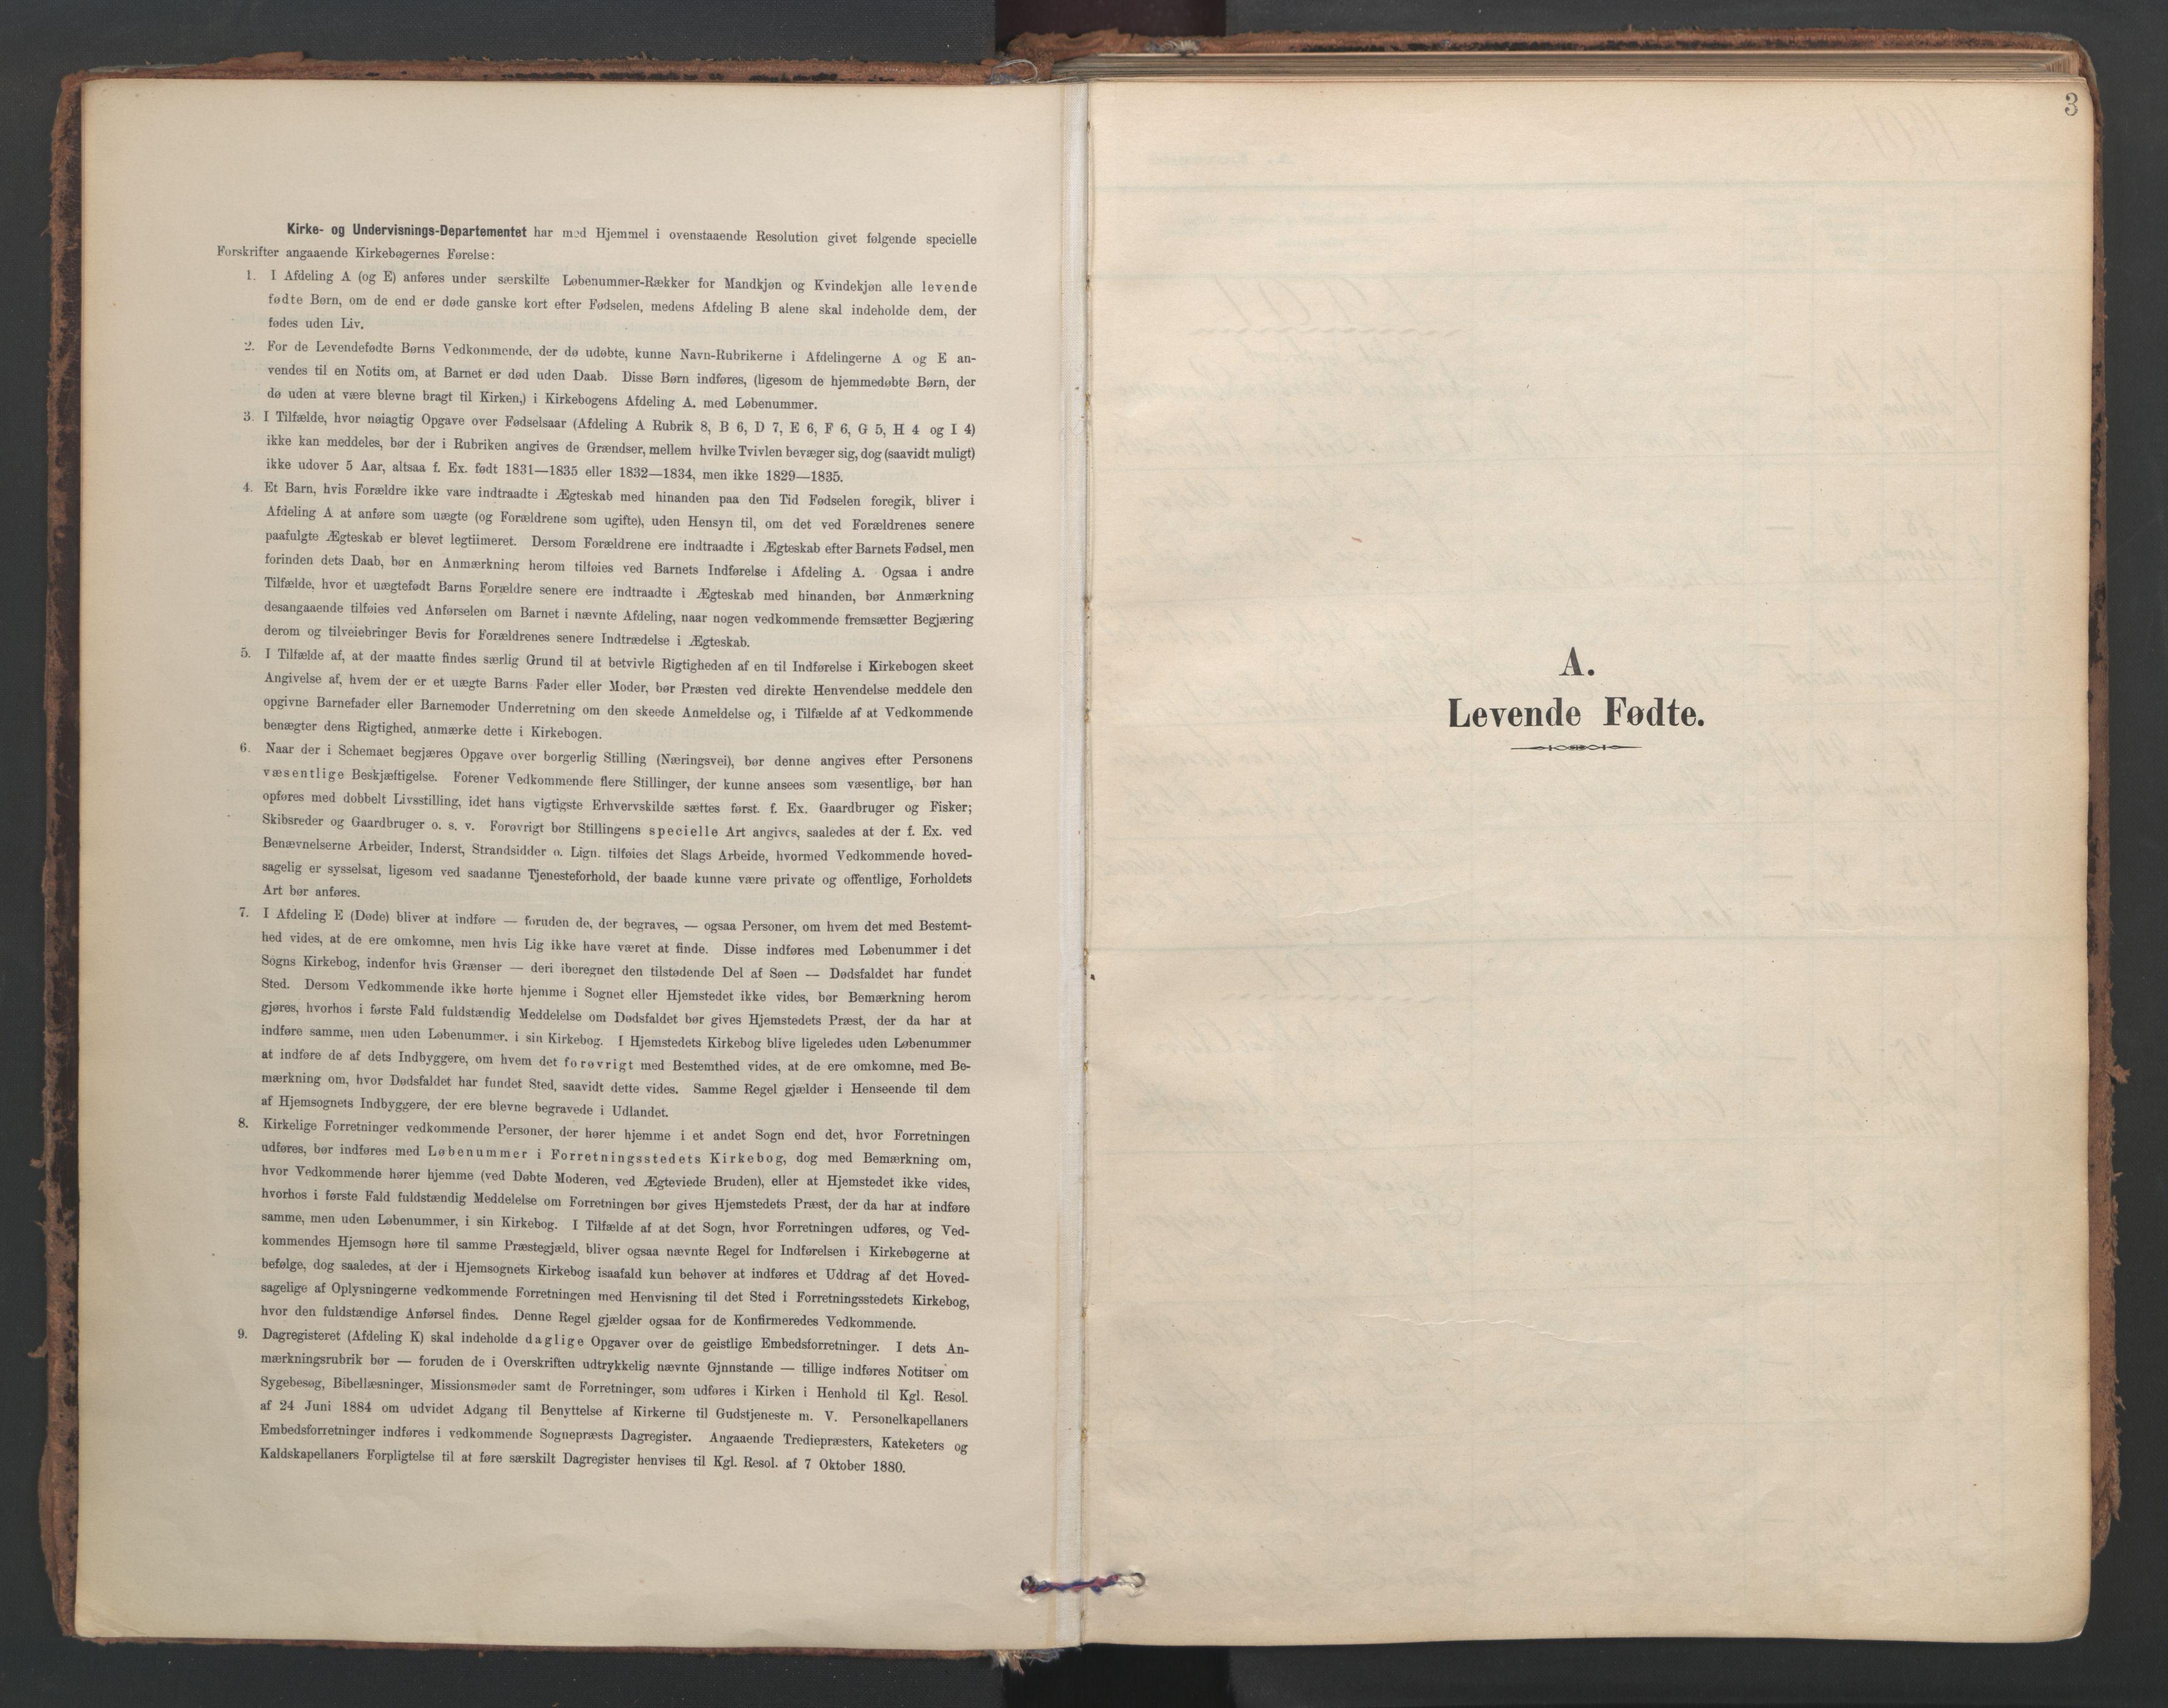 SAT, Ministerialprotokoller, klokkerbøker og fødselsregistre - Nord-Trøndelag, 741/L0397: Ministerialbok nr. 741A11, 1901-1911, s. 3